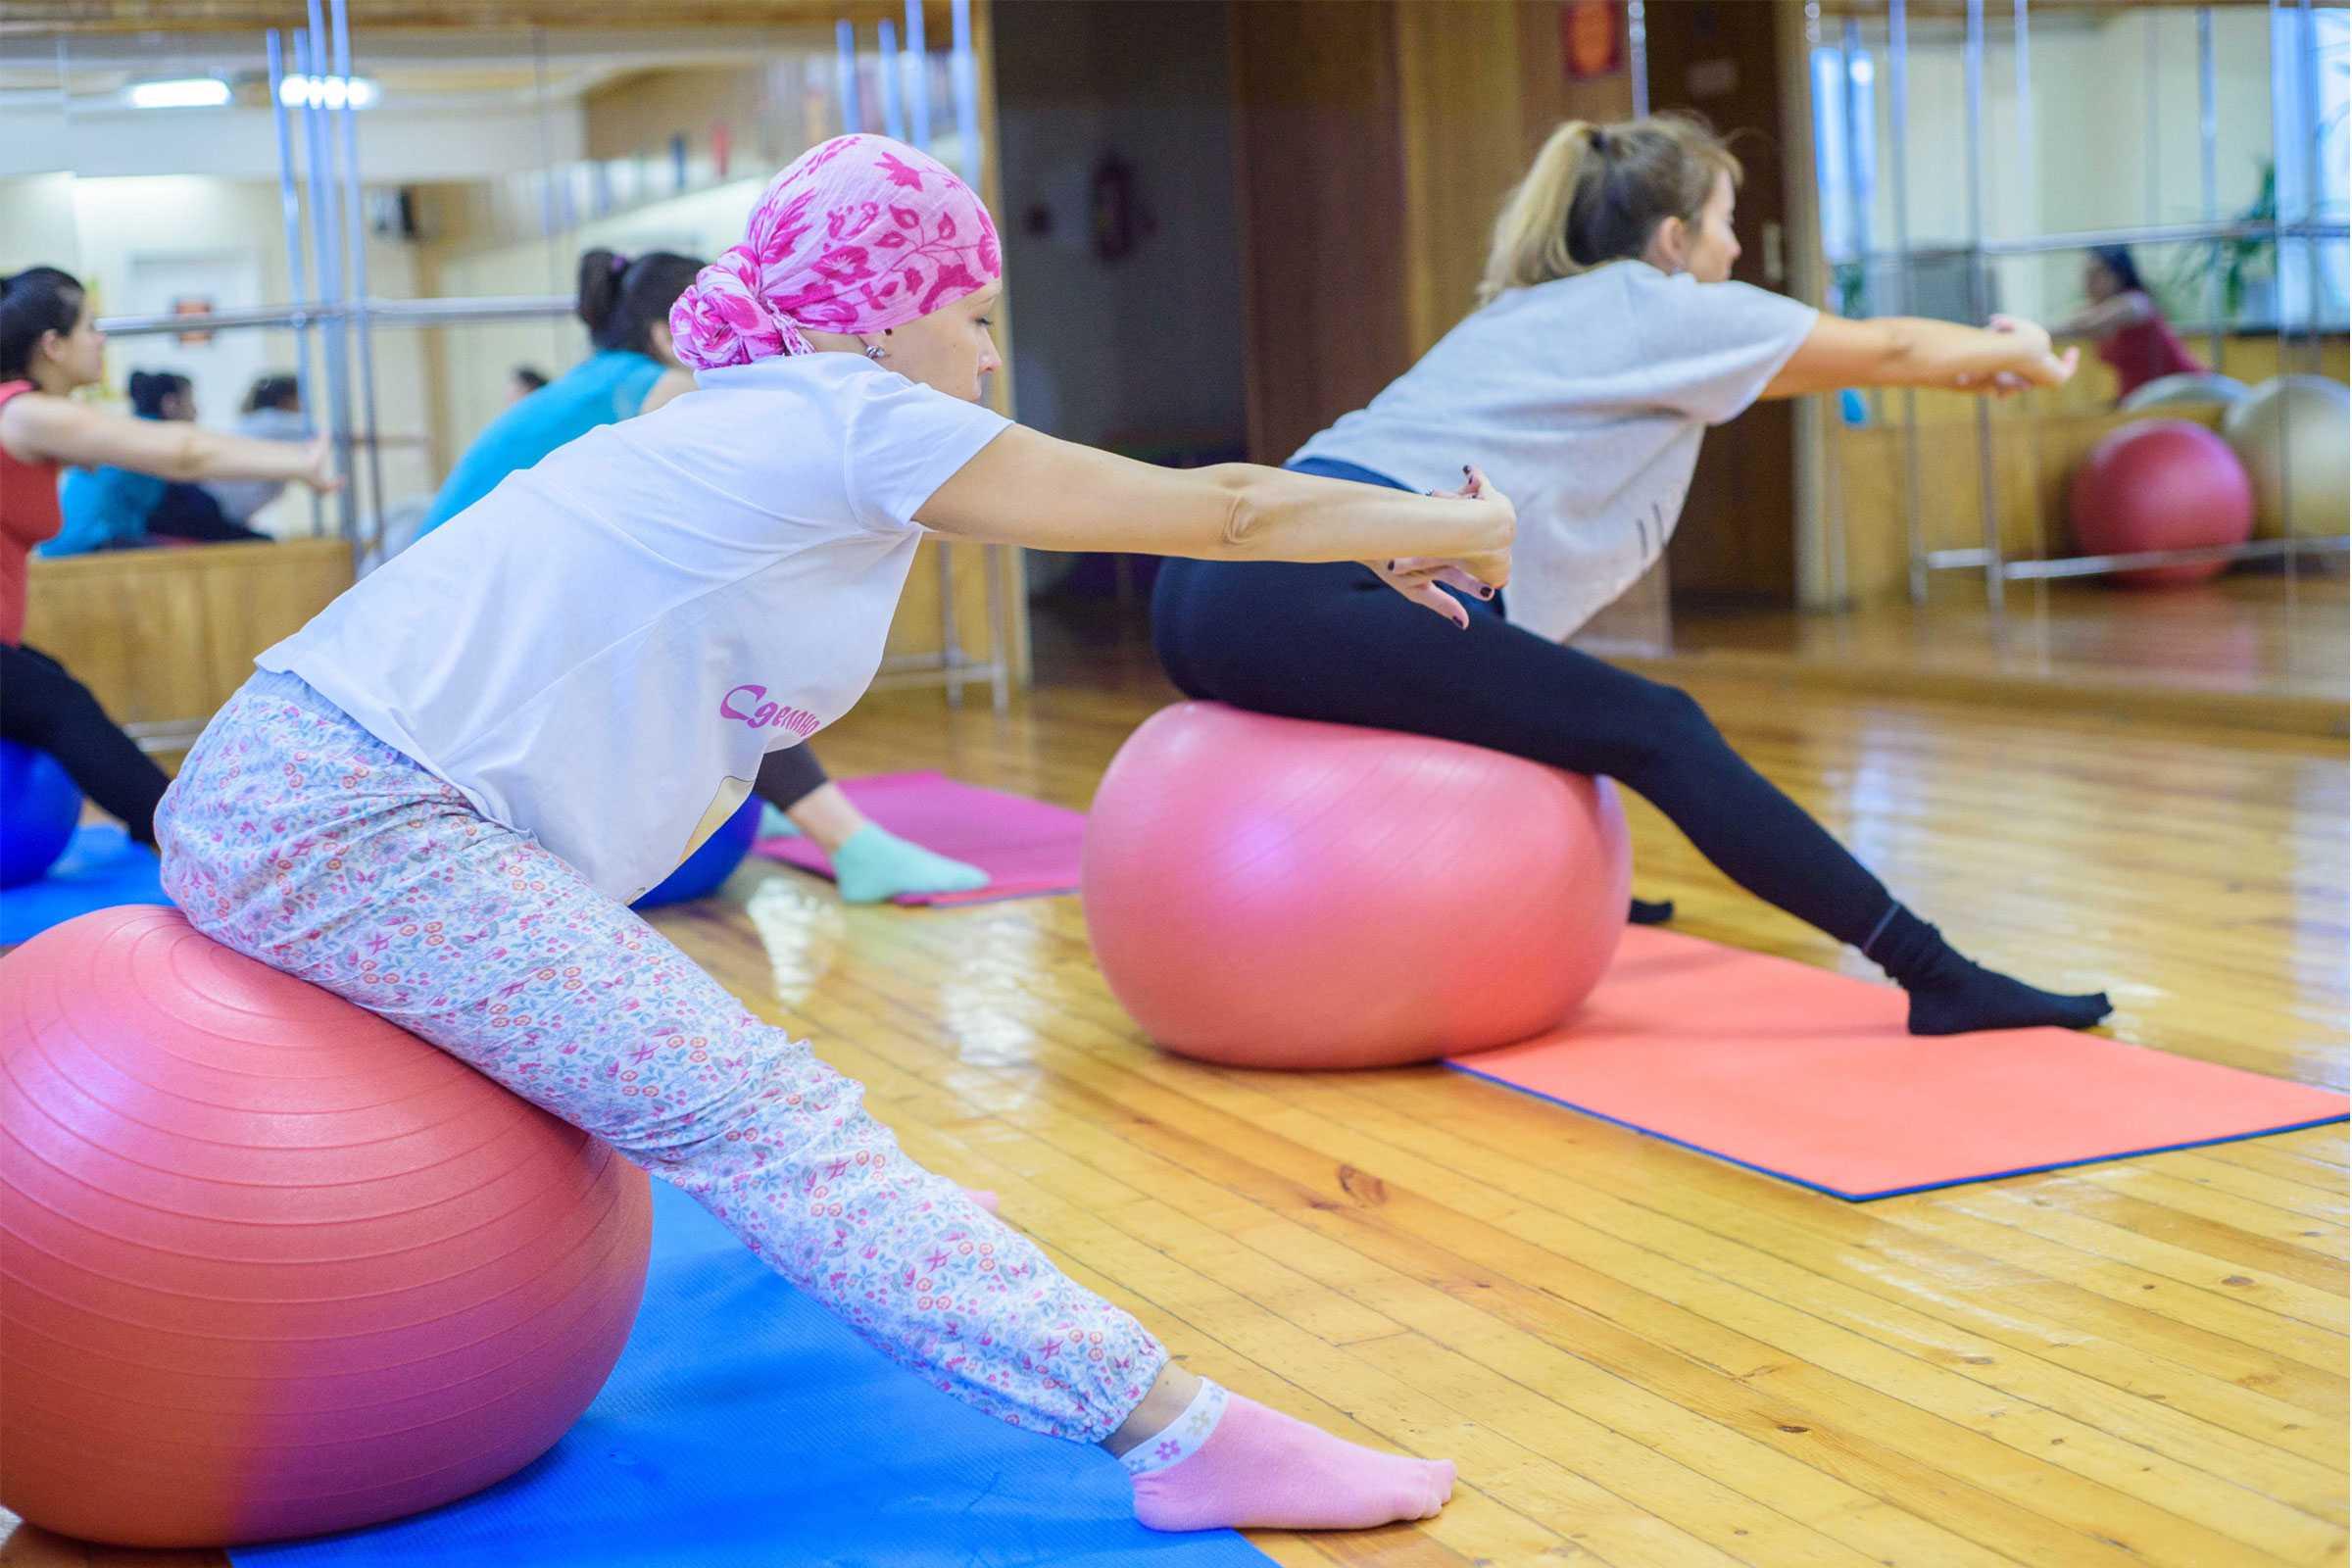 Зарядка для беременных дома: комплекс упражнений для 1, 2, 3 триместров вынашивания